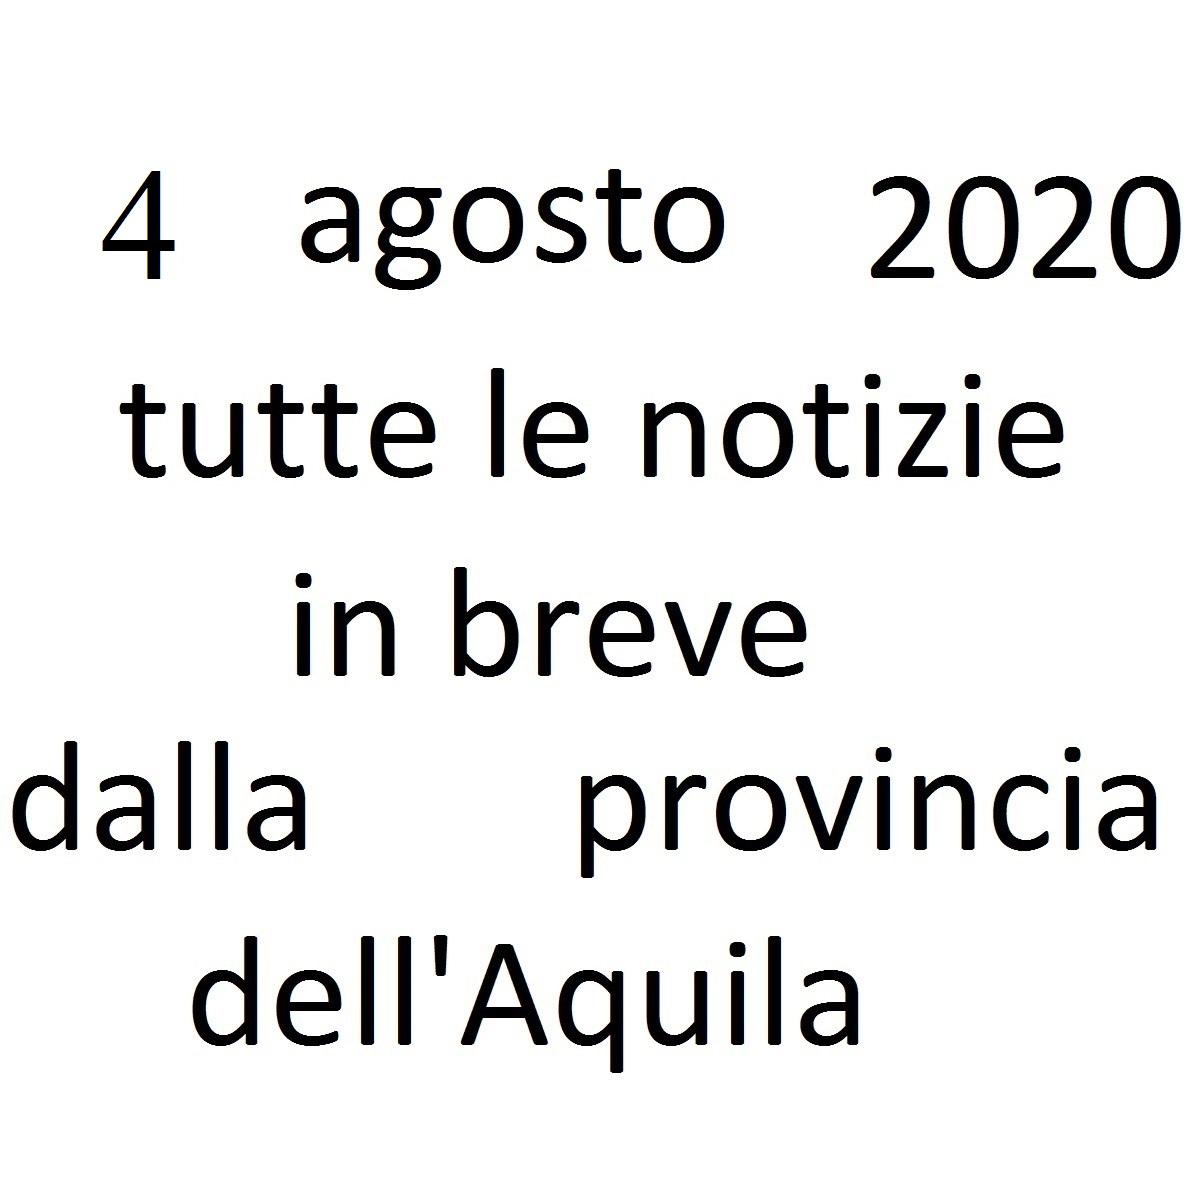 4 agosto 2020 notizie in breve dalla Provincia dell'Aquila foto